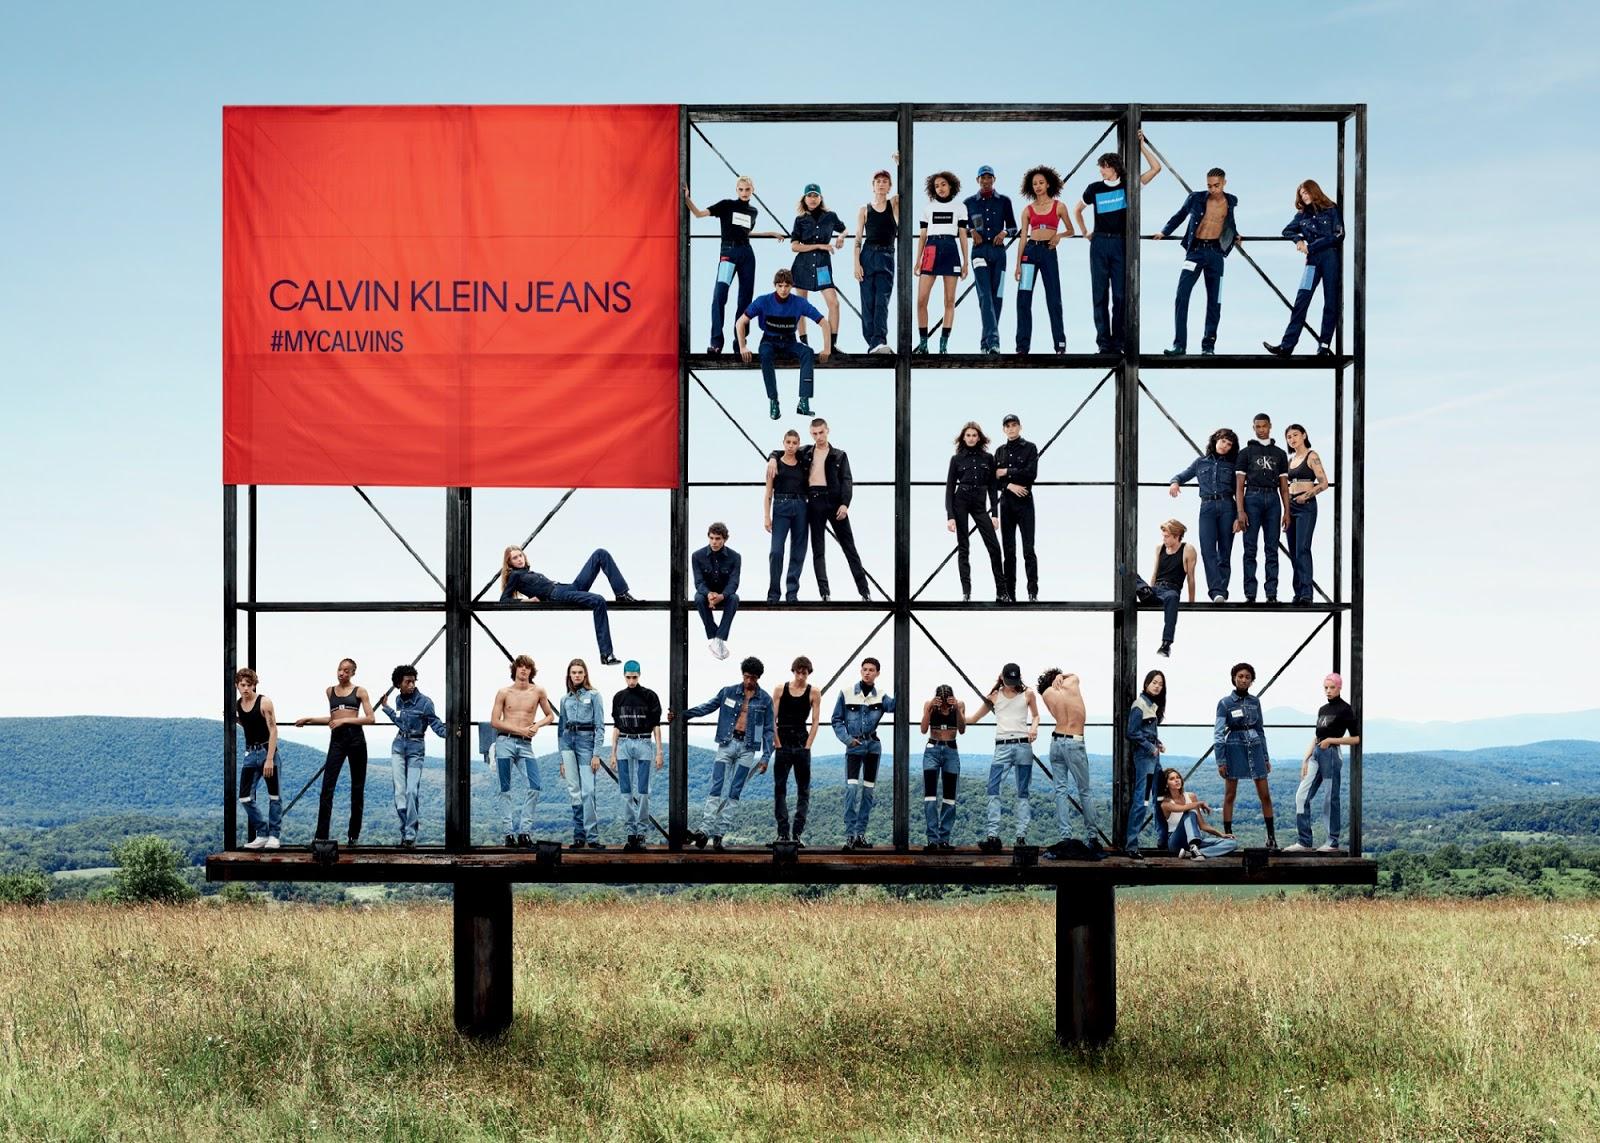 Calvin Klein Jeans apresenta sua nova campanha de Verão 18-19 d3def3619f